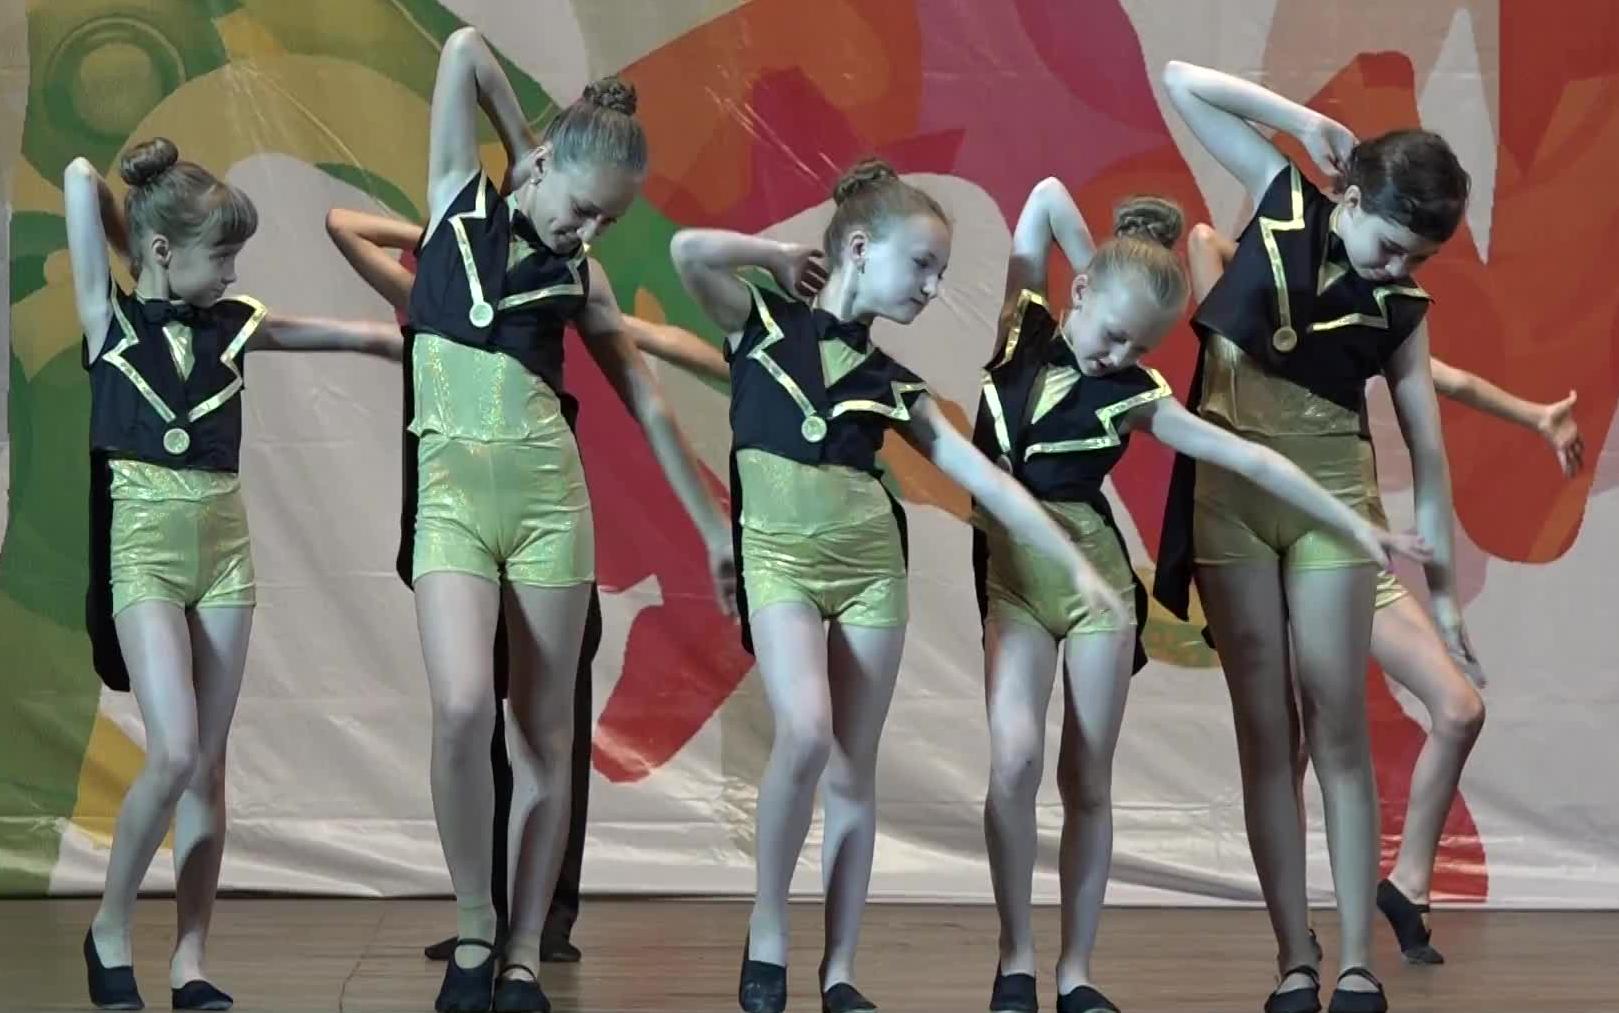 俄罗斯萝莉舞蹈表演  这编舞老师心真大